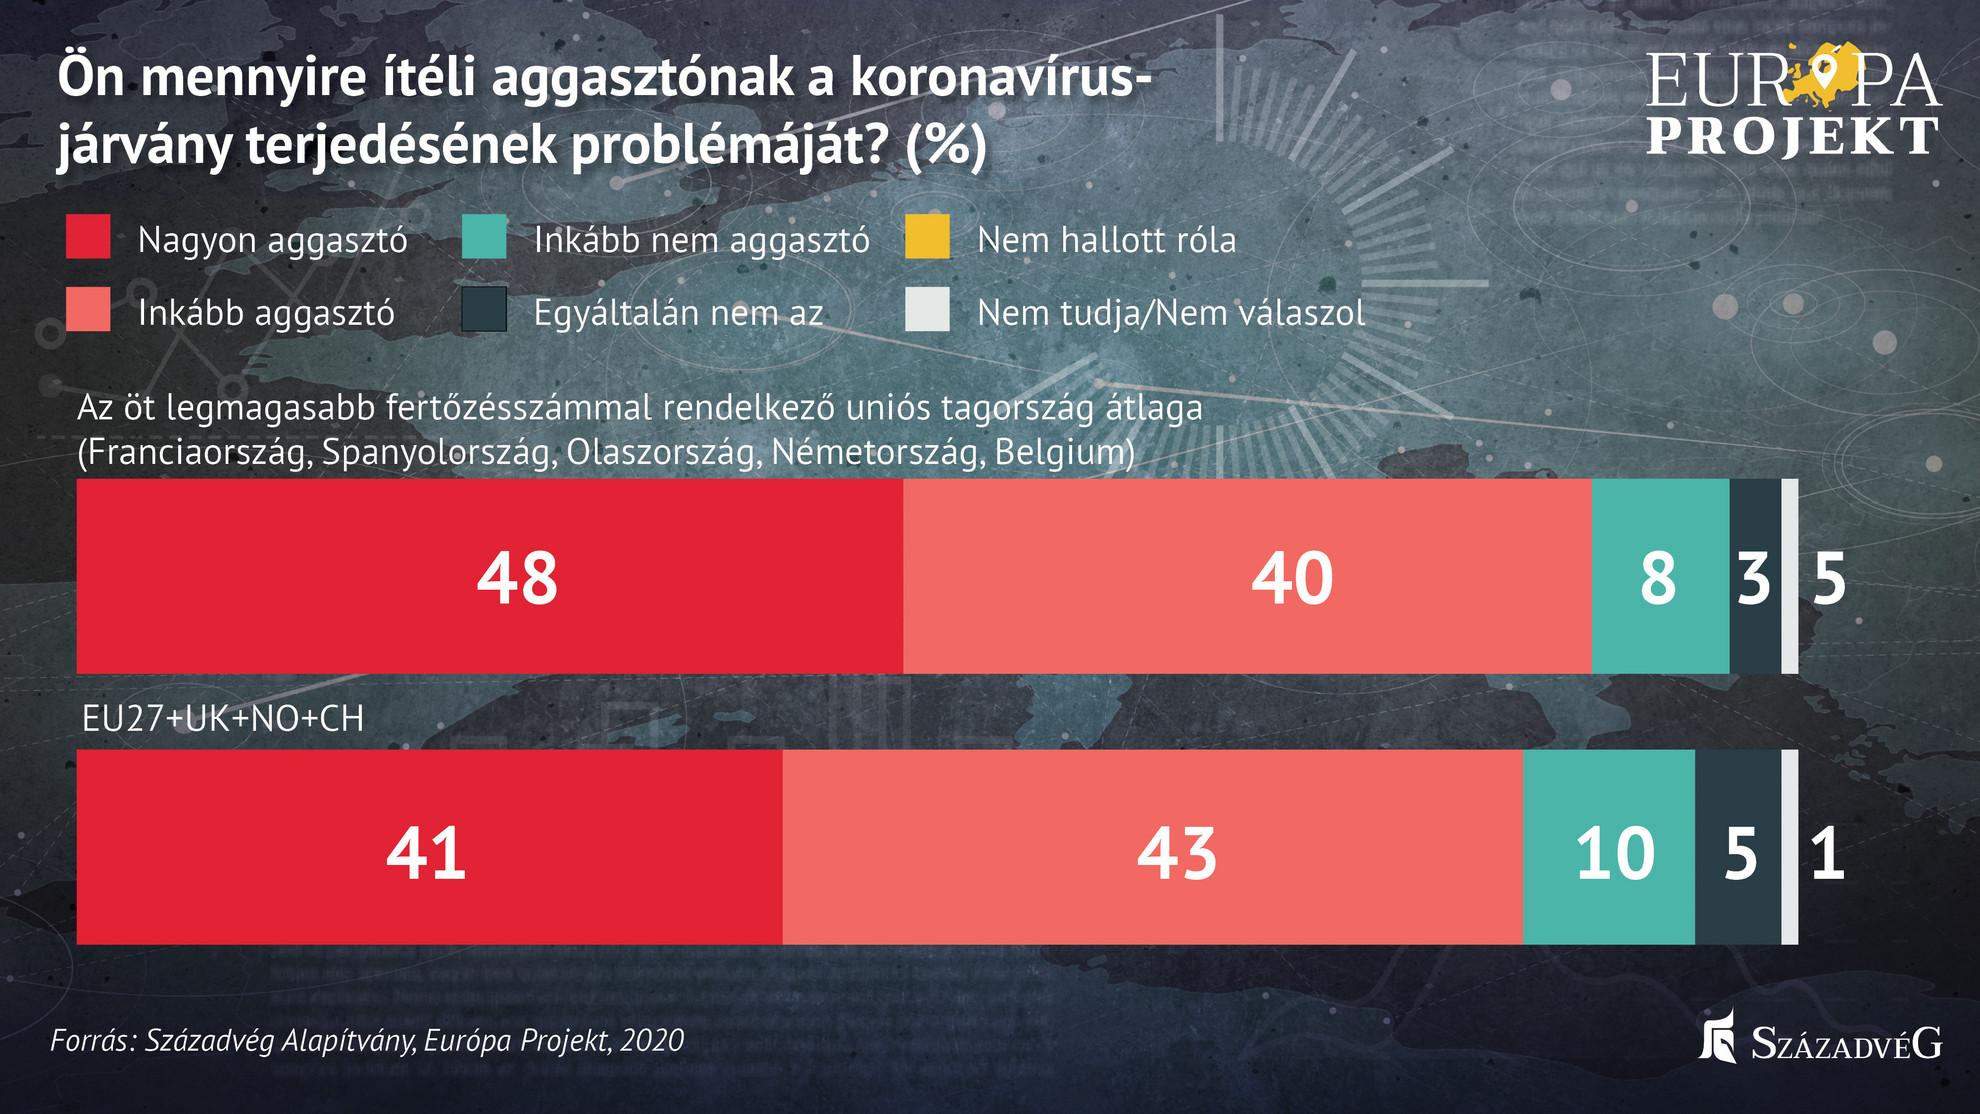 Az öt legmagasabb fertőzésszámmal rendelkező uniós tagország átlaga